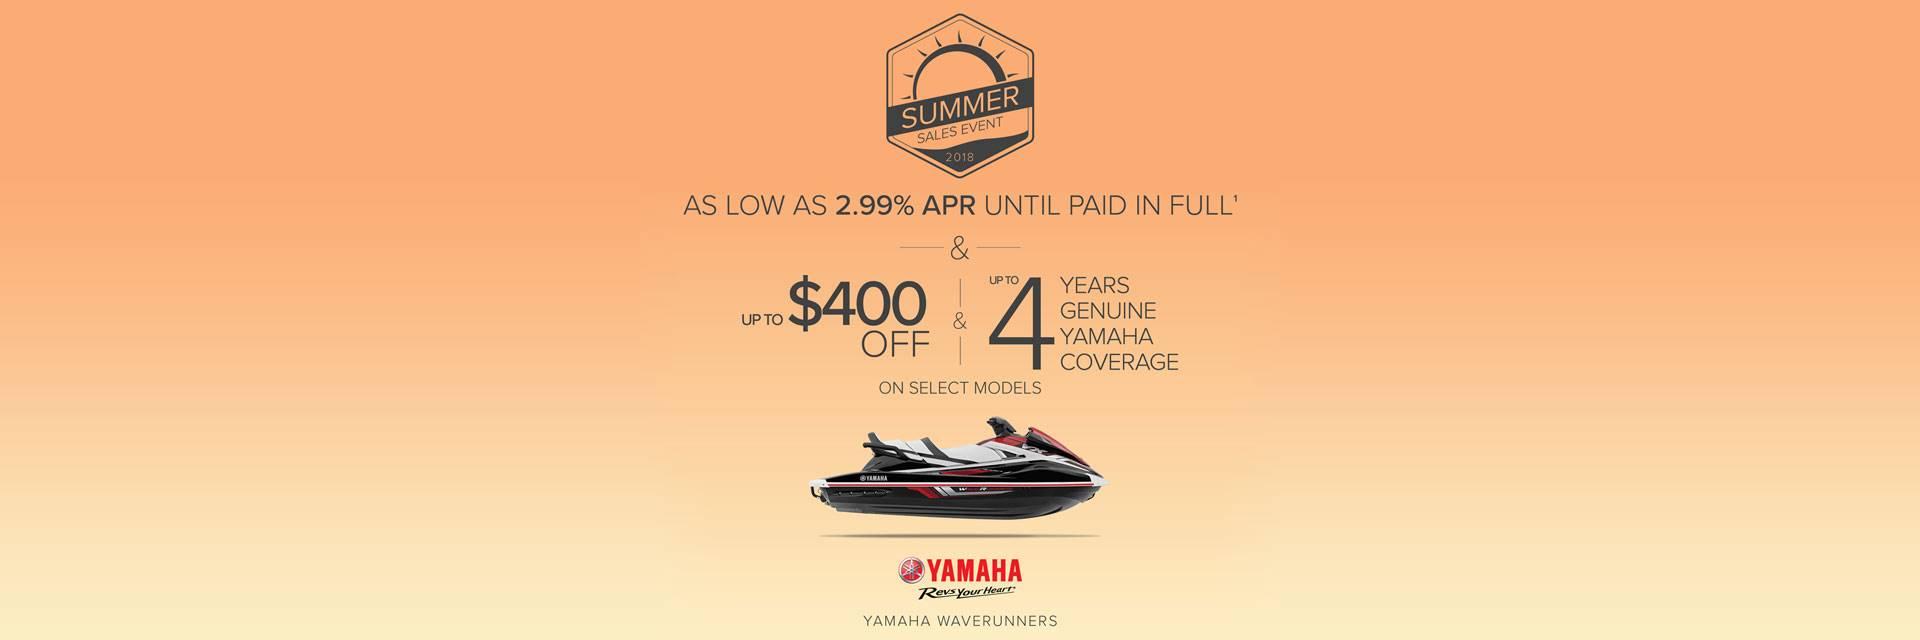 Yamaha Waverunners - Summer Sales Event 2018 - 2.99% APR